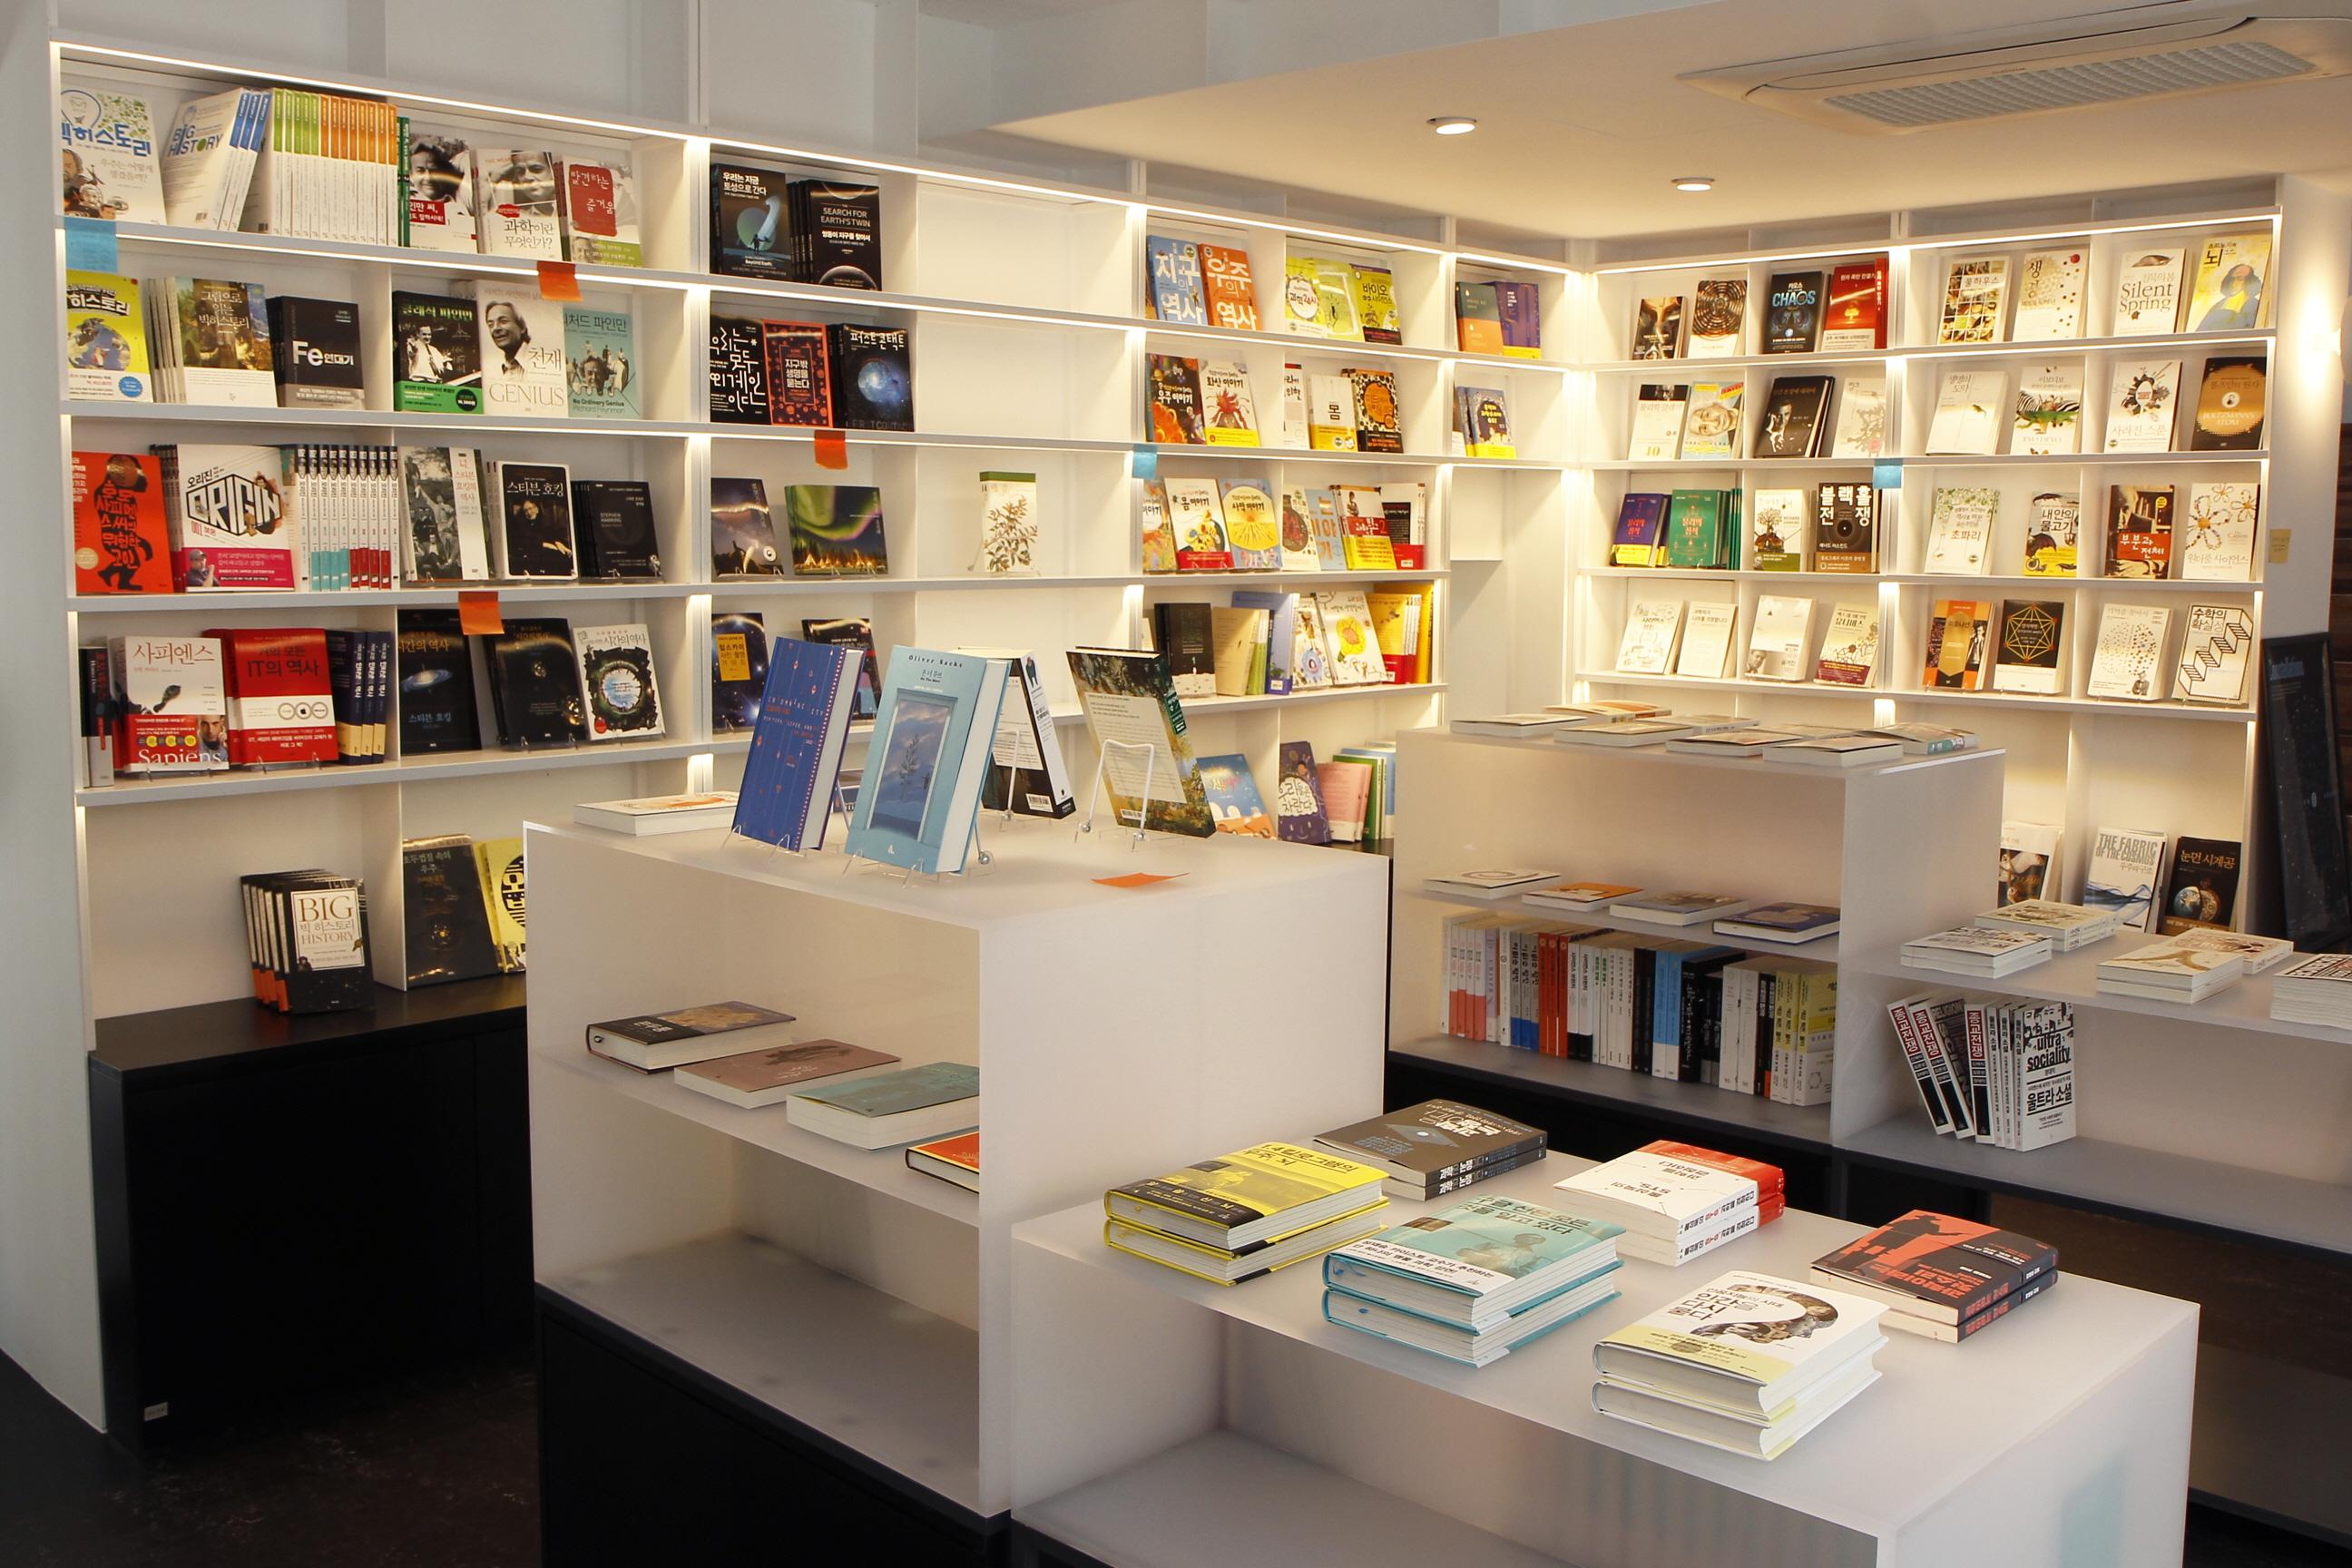 작가별로 책이 진열돼 있는 갈다 1층 서가의 모습.